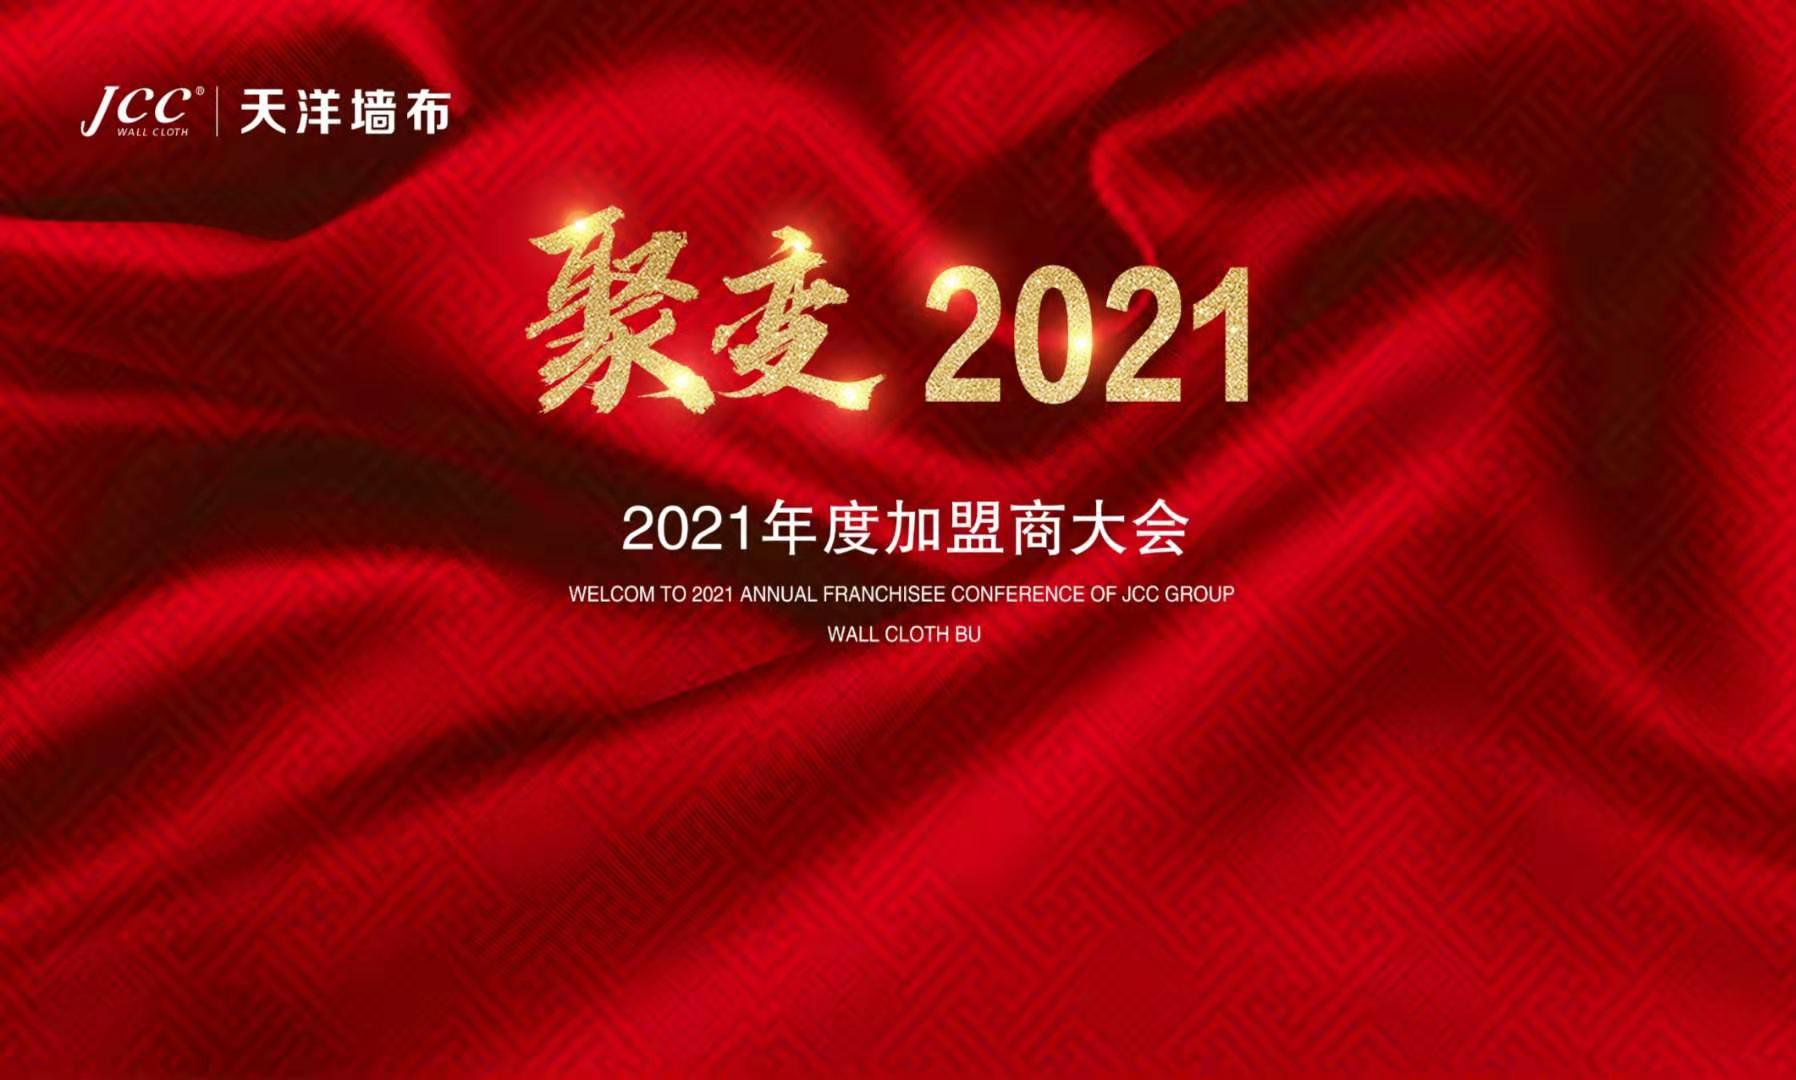 新浪直播 | 聚变2021 天洋墙布加盟商大会